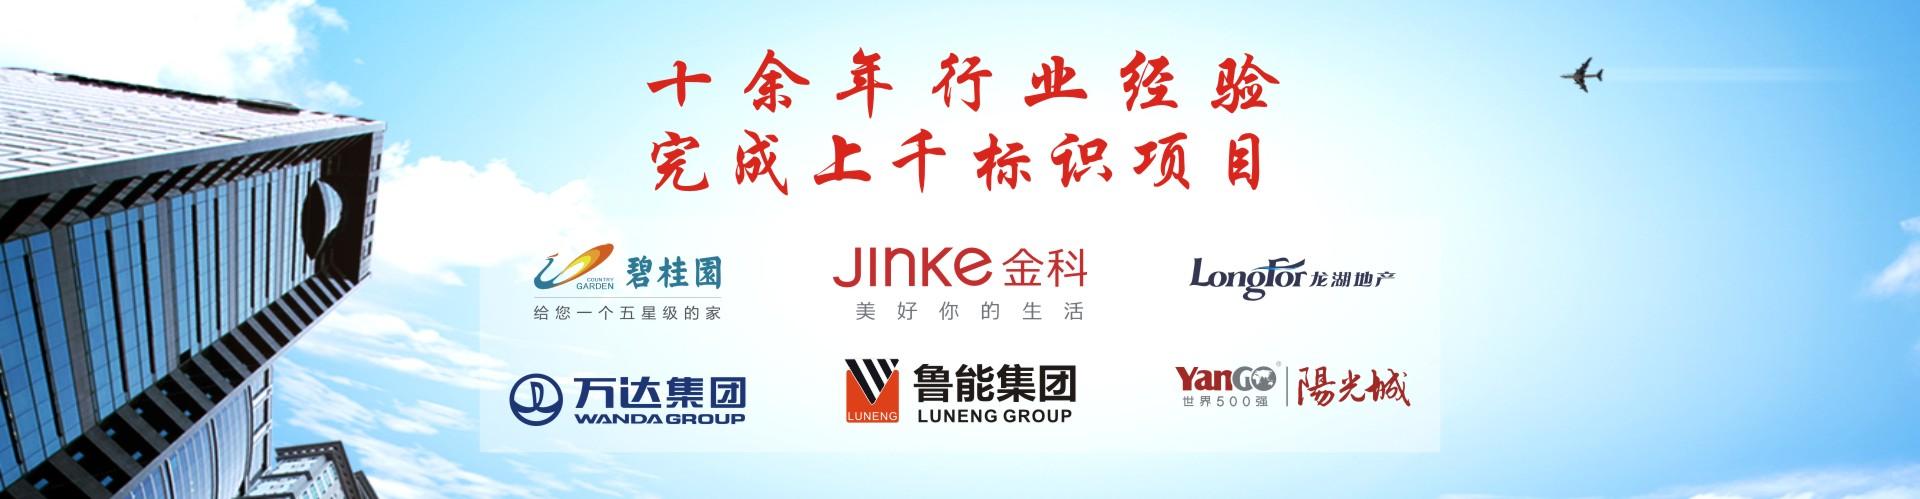 重庆标牌公司